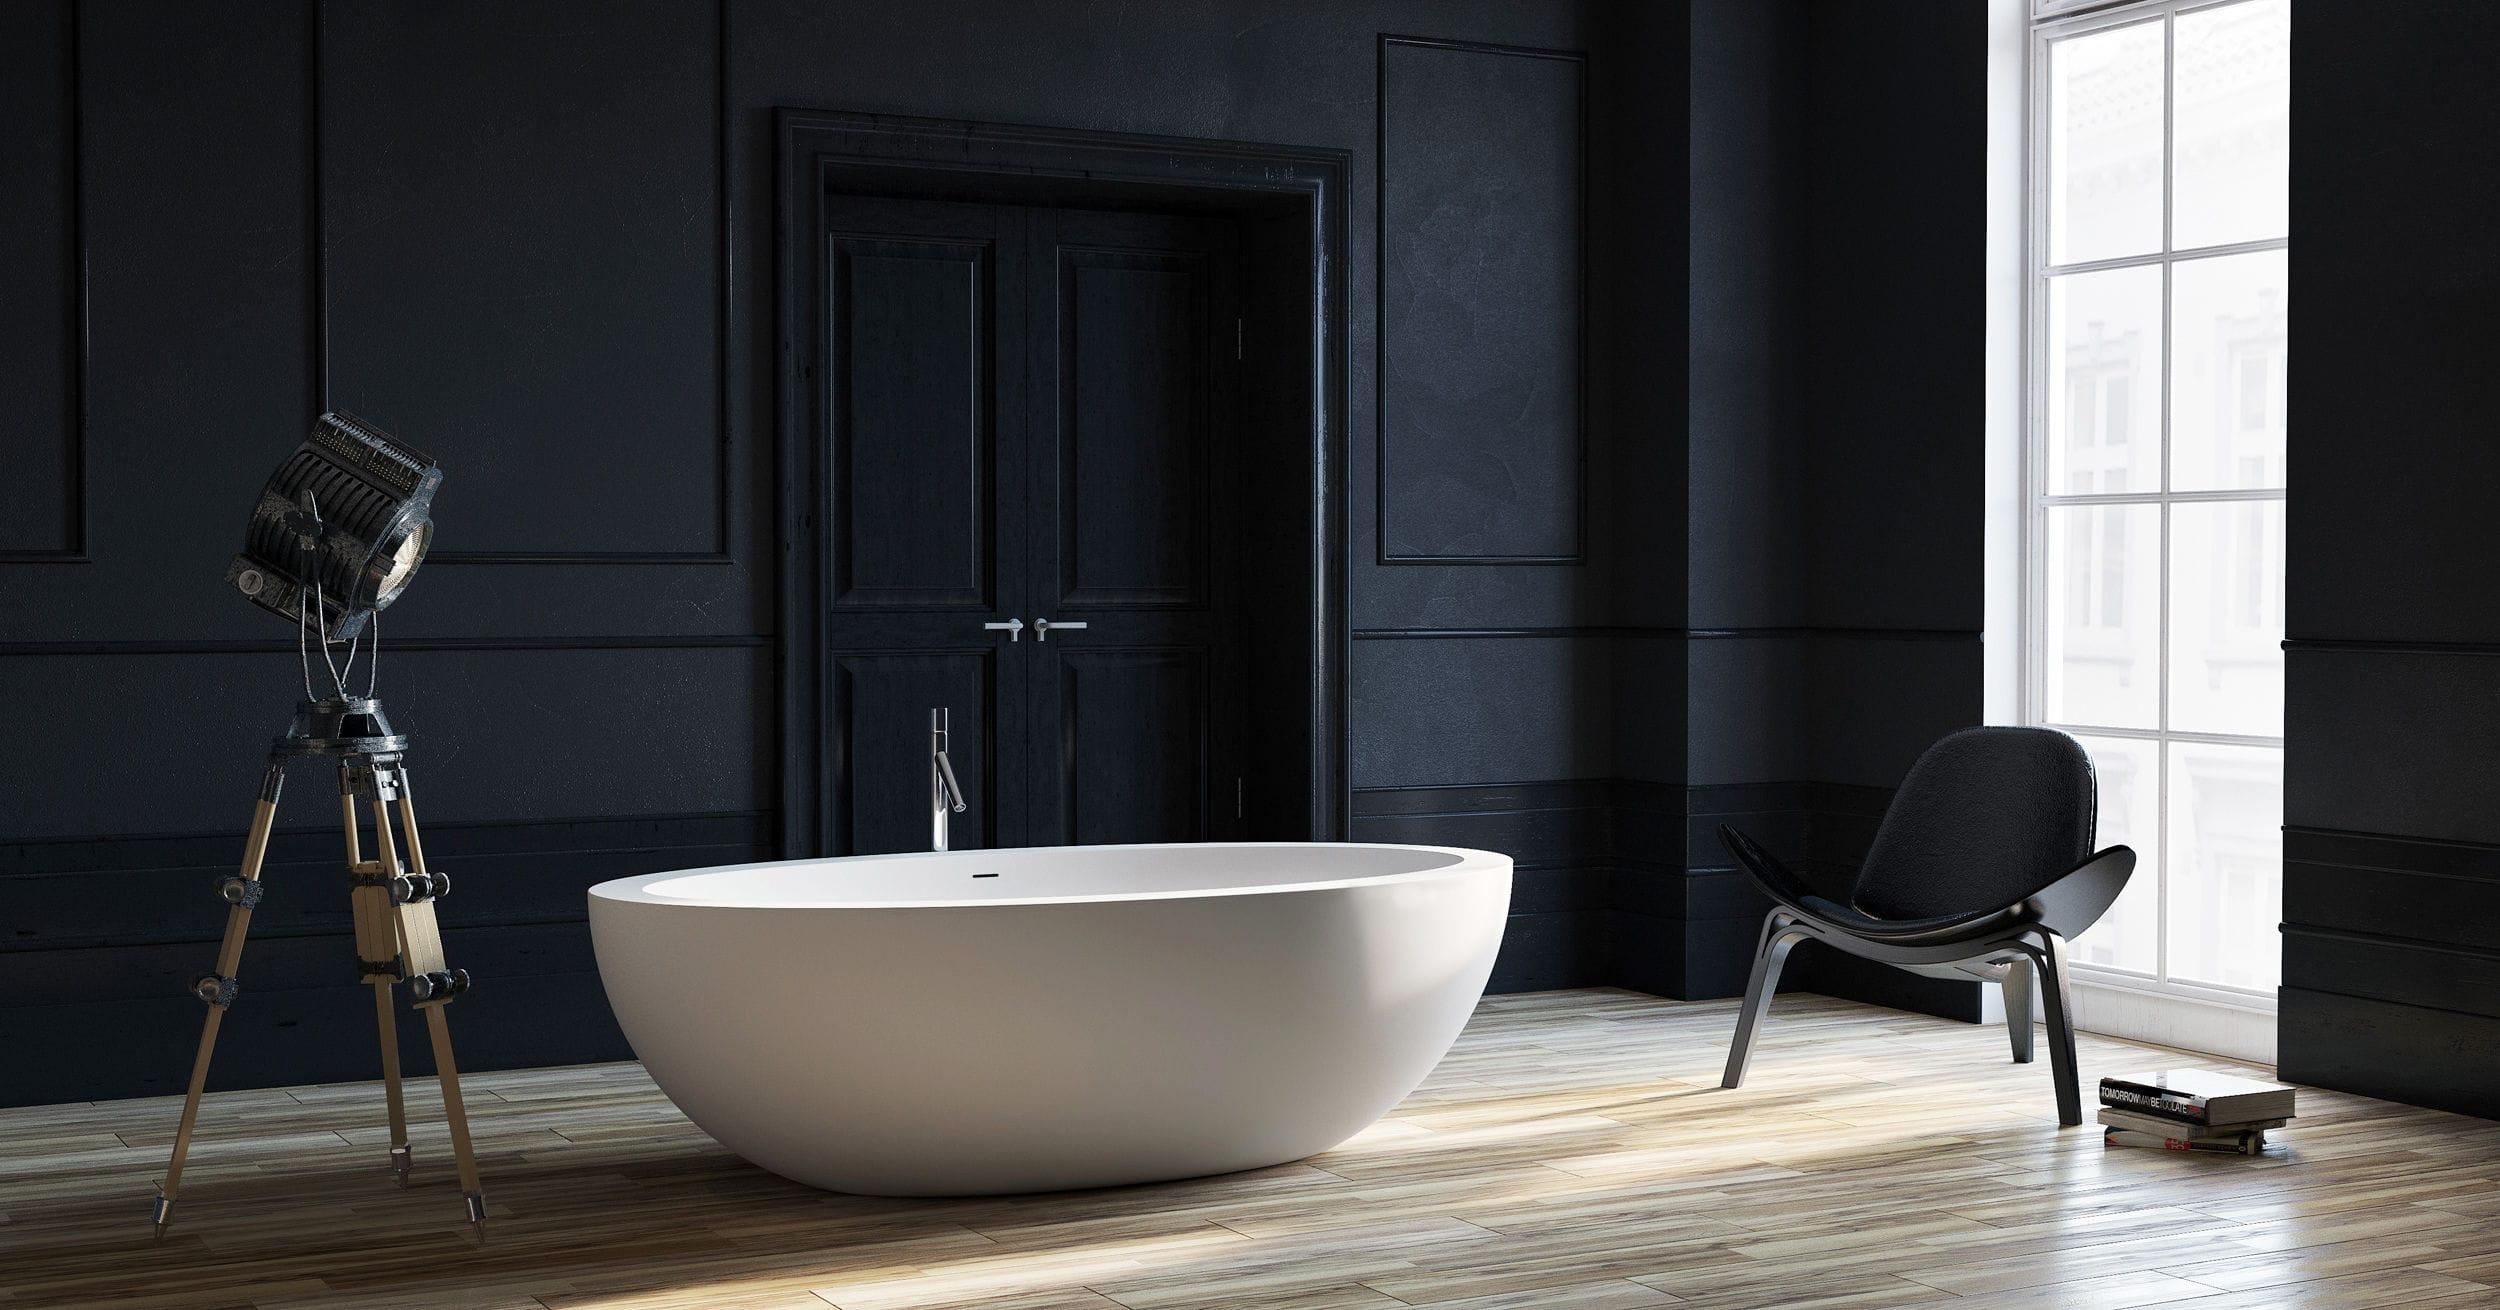 Una Vasca Da Bagno Traduzione Francese : Le meglio stanza da bagno in francese u the city